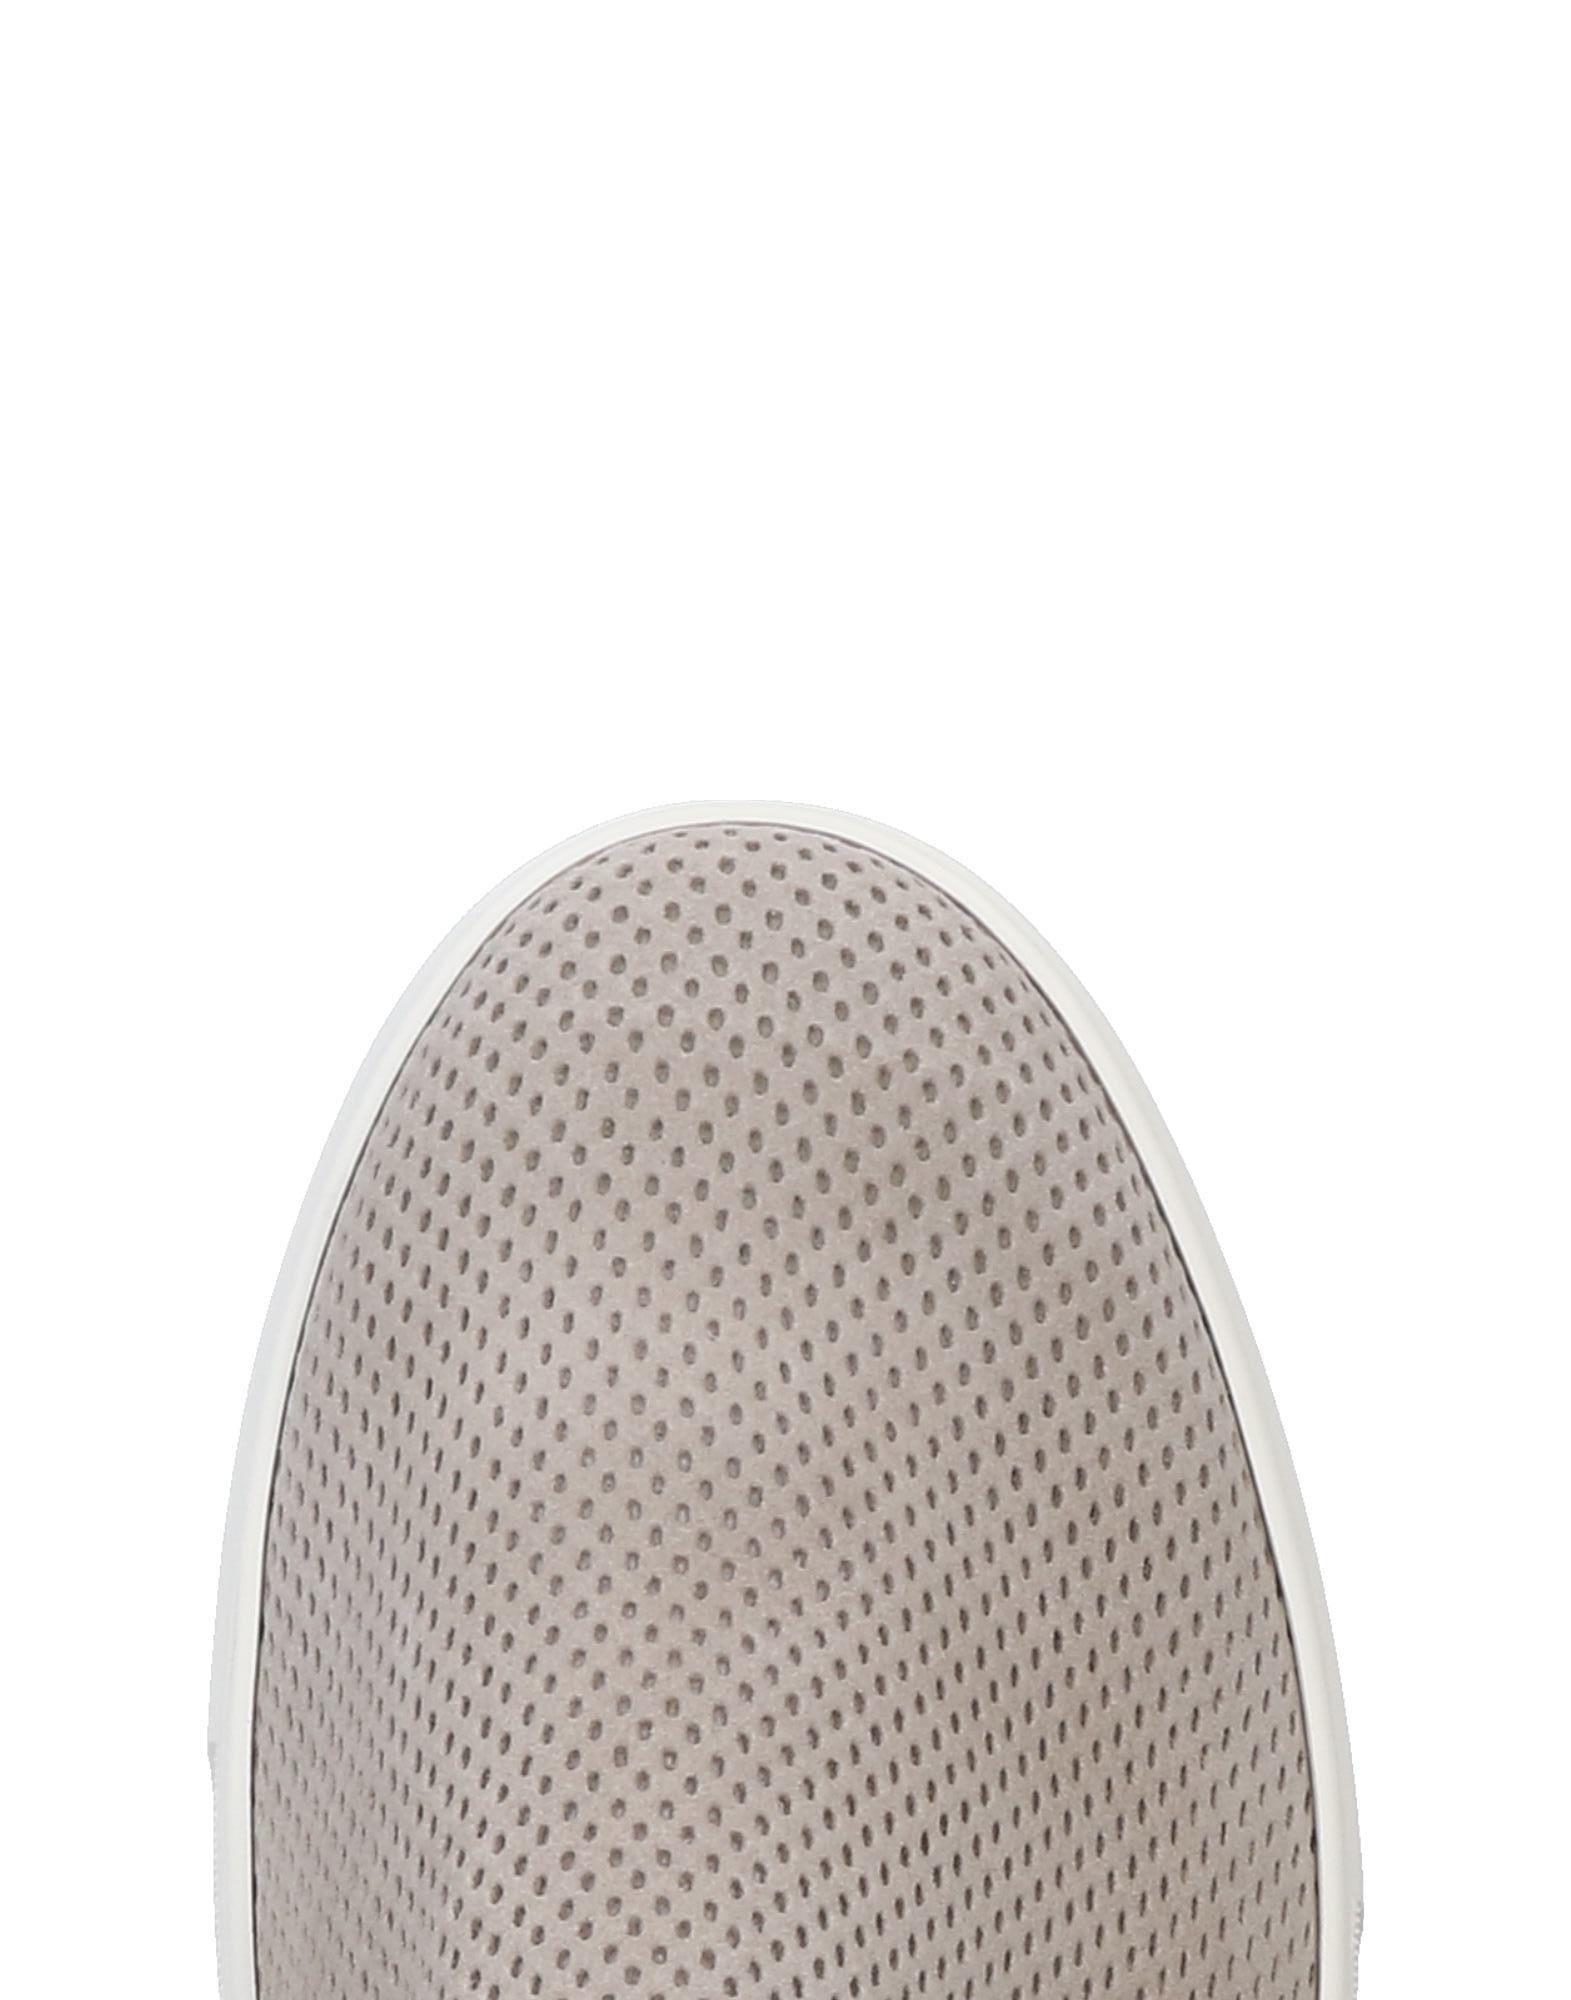 Andrea Morelli Schuhe Sneakers Herren  11456909RW Neue Schuhe Morelli f4f58d